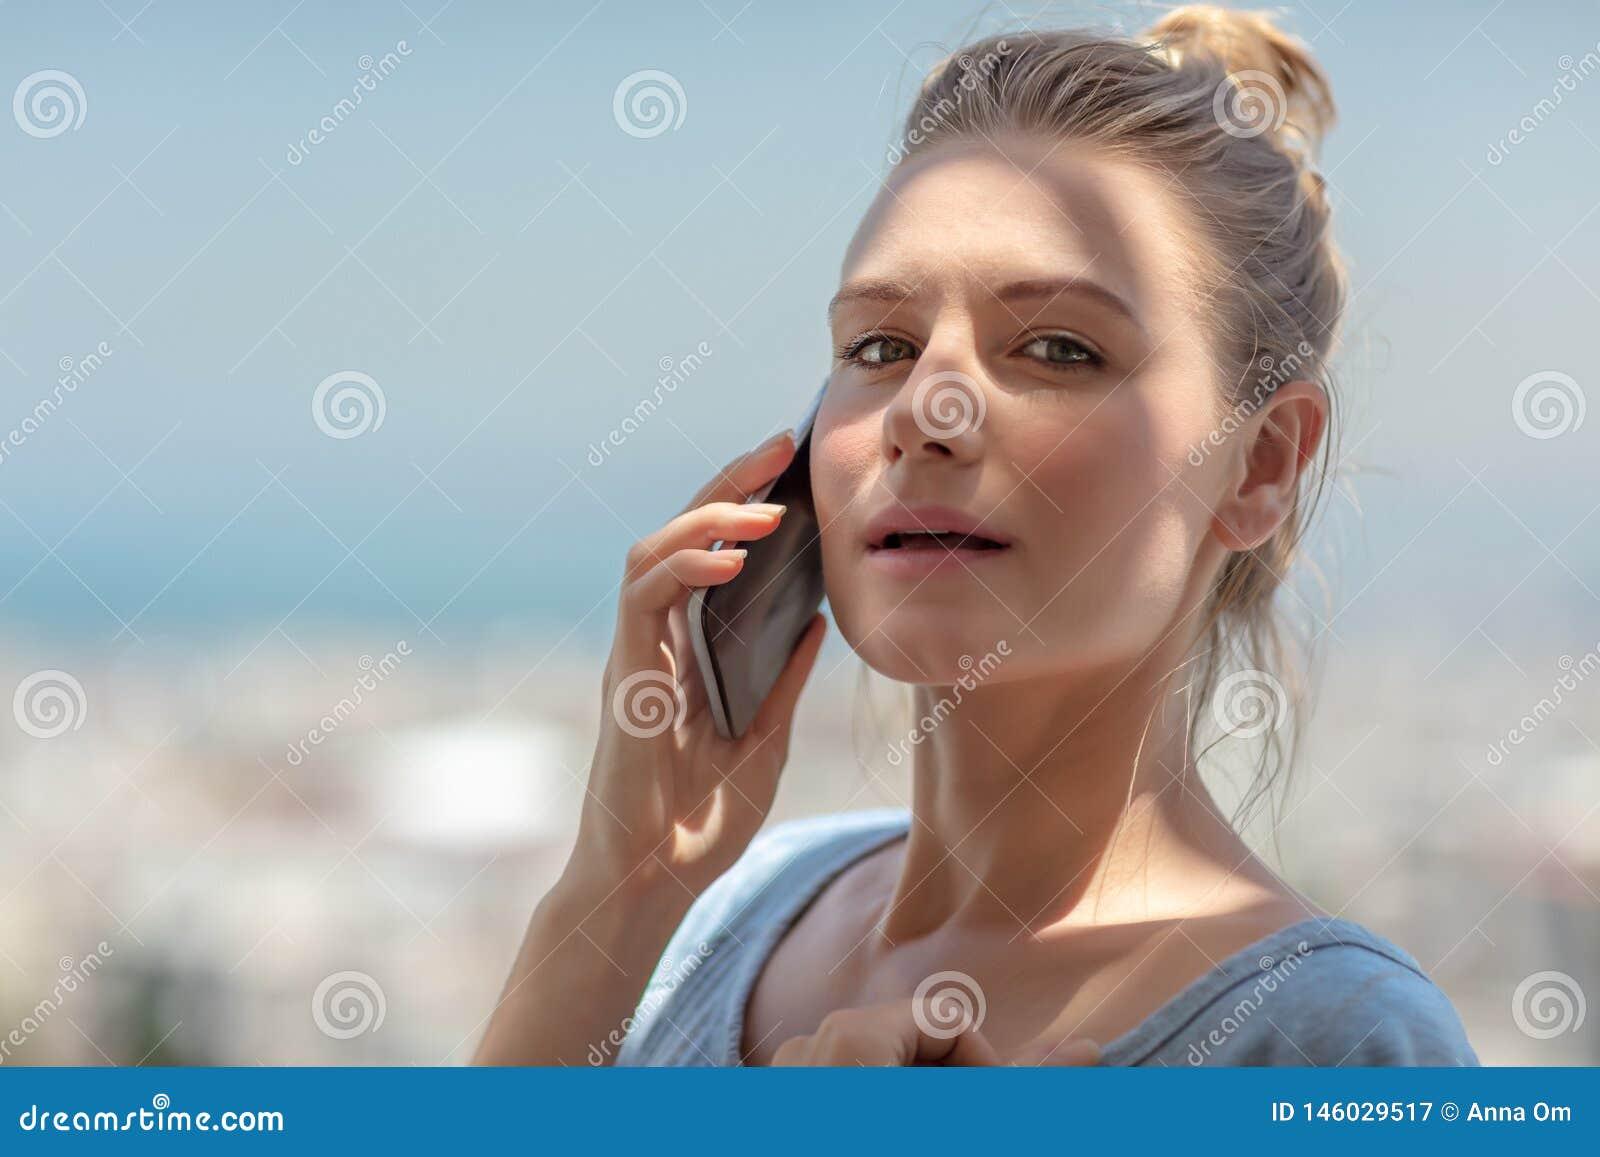 Pretty female speaking on the phone